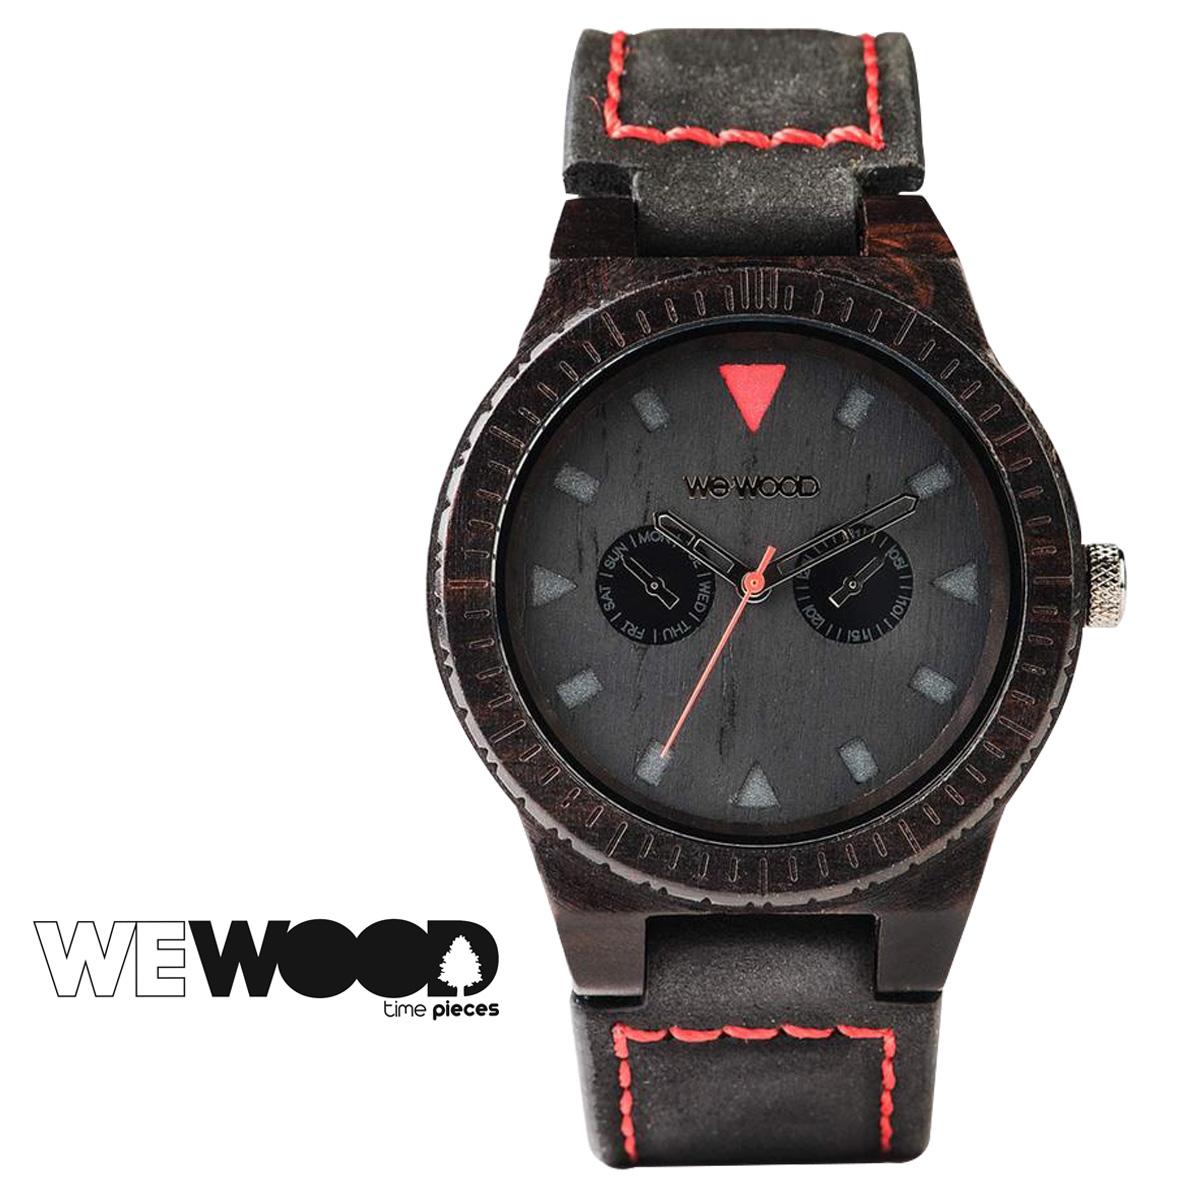 【最大2000円OFFクーポン】 WEWOOD 腕時計 レディース ウィーウッド LEO TERRA ブラック BLACK メンズ